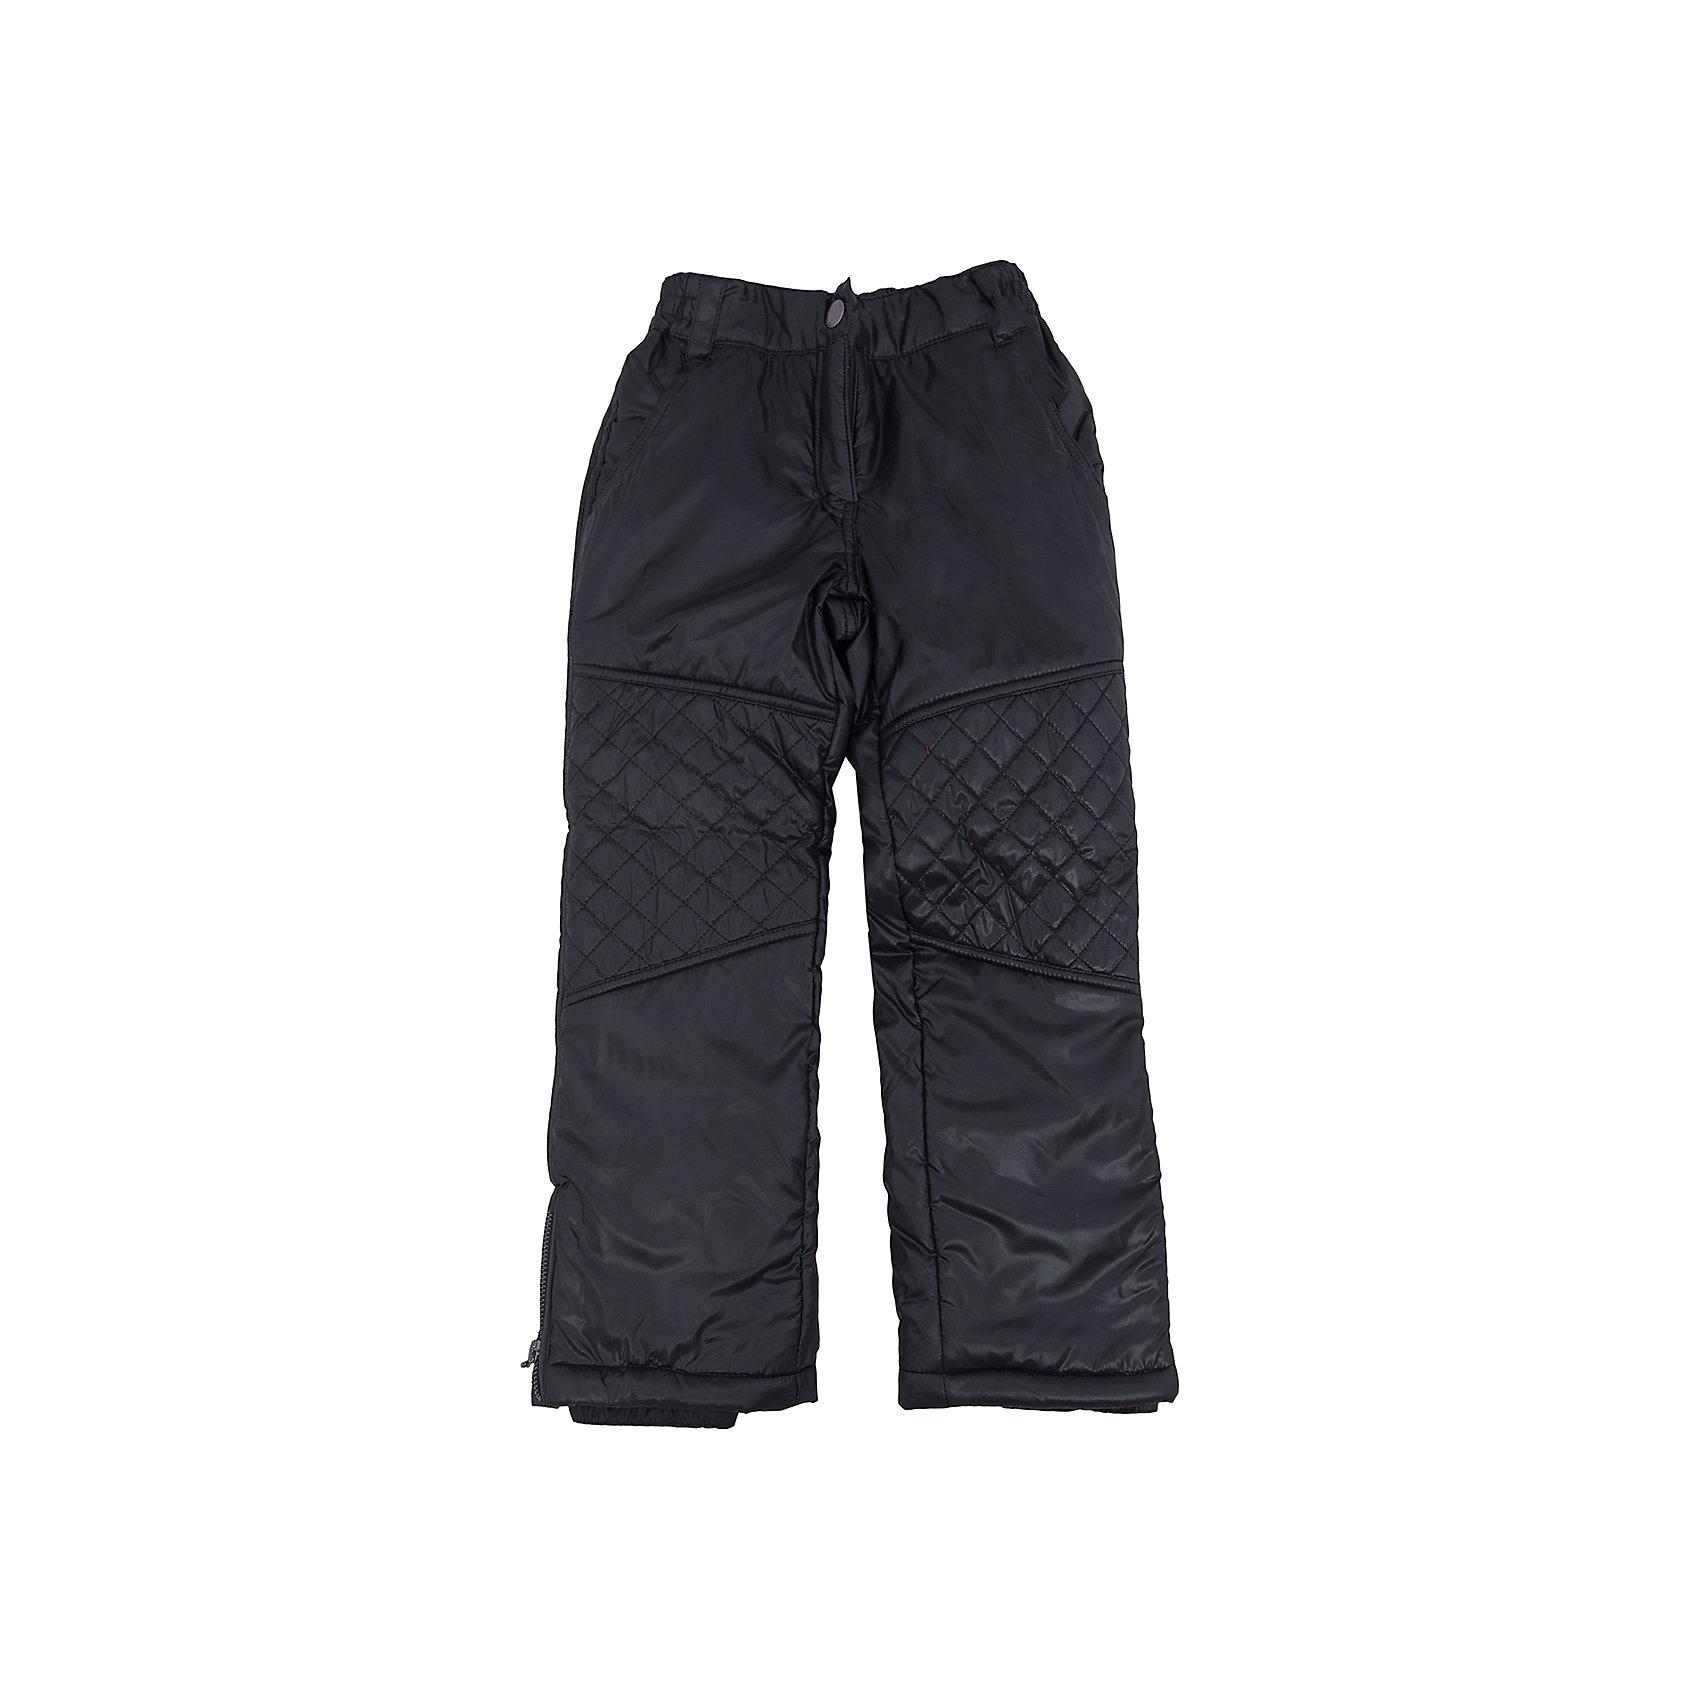 Брюки для девочки SELAВерхняя одежда<br>Такие стильные утепленные брюки - незаменимая вещь в прохладное время года. Эта модель отлично сидит на ребенке, она сшита из плотного материала, позволяет гулять и заниматься спортом на свежем воздухе зимой. Мягкая подкладка не вызывает аллергии и обеспечивает ребенку комфорт. Модель станет отличной базовой вещью, которая будет уместна в различных сочетаниях.<br>Одежда от бренда Sela (Села) - это качество по приемлемым ценам. Многие российские родители уже оценили преимущества продукции этой компании и всё чаще приобретают одежду и аксессуары Sela.<br><br>Дополнительная информация:<br><br>цвет: черный;<br>материал: 100% ПЭ;<br>молнии на штанинах;<br>утепленные.<br><br>Брюки для девочки от бренда Sela можно купить в нашем интернет-магазине.<br><br>Ширина мм: 215<br>Глубина мм: 88<br>Высота мм: 191<br>Вес г: 336<br>Цвет: черный<br>Возраст от месяцев: 60<br>Возраст до месяцев: 72<br>Пол: Женский<br>Возраст: Детский<br>Размер: 116,152,128,140<br>SKU: 5008133